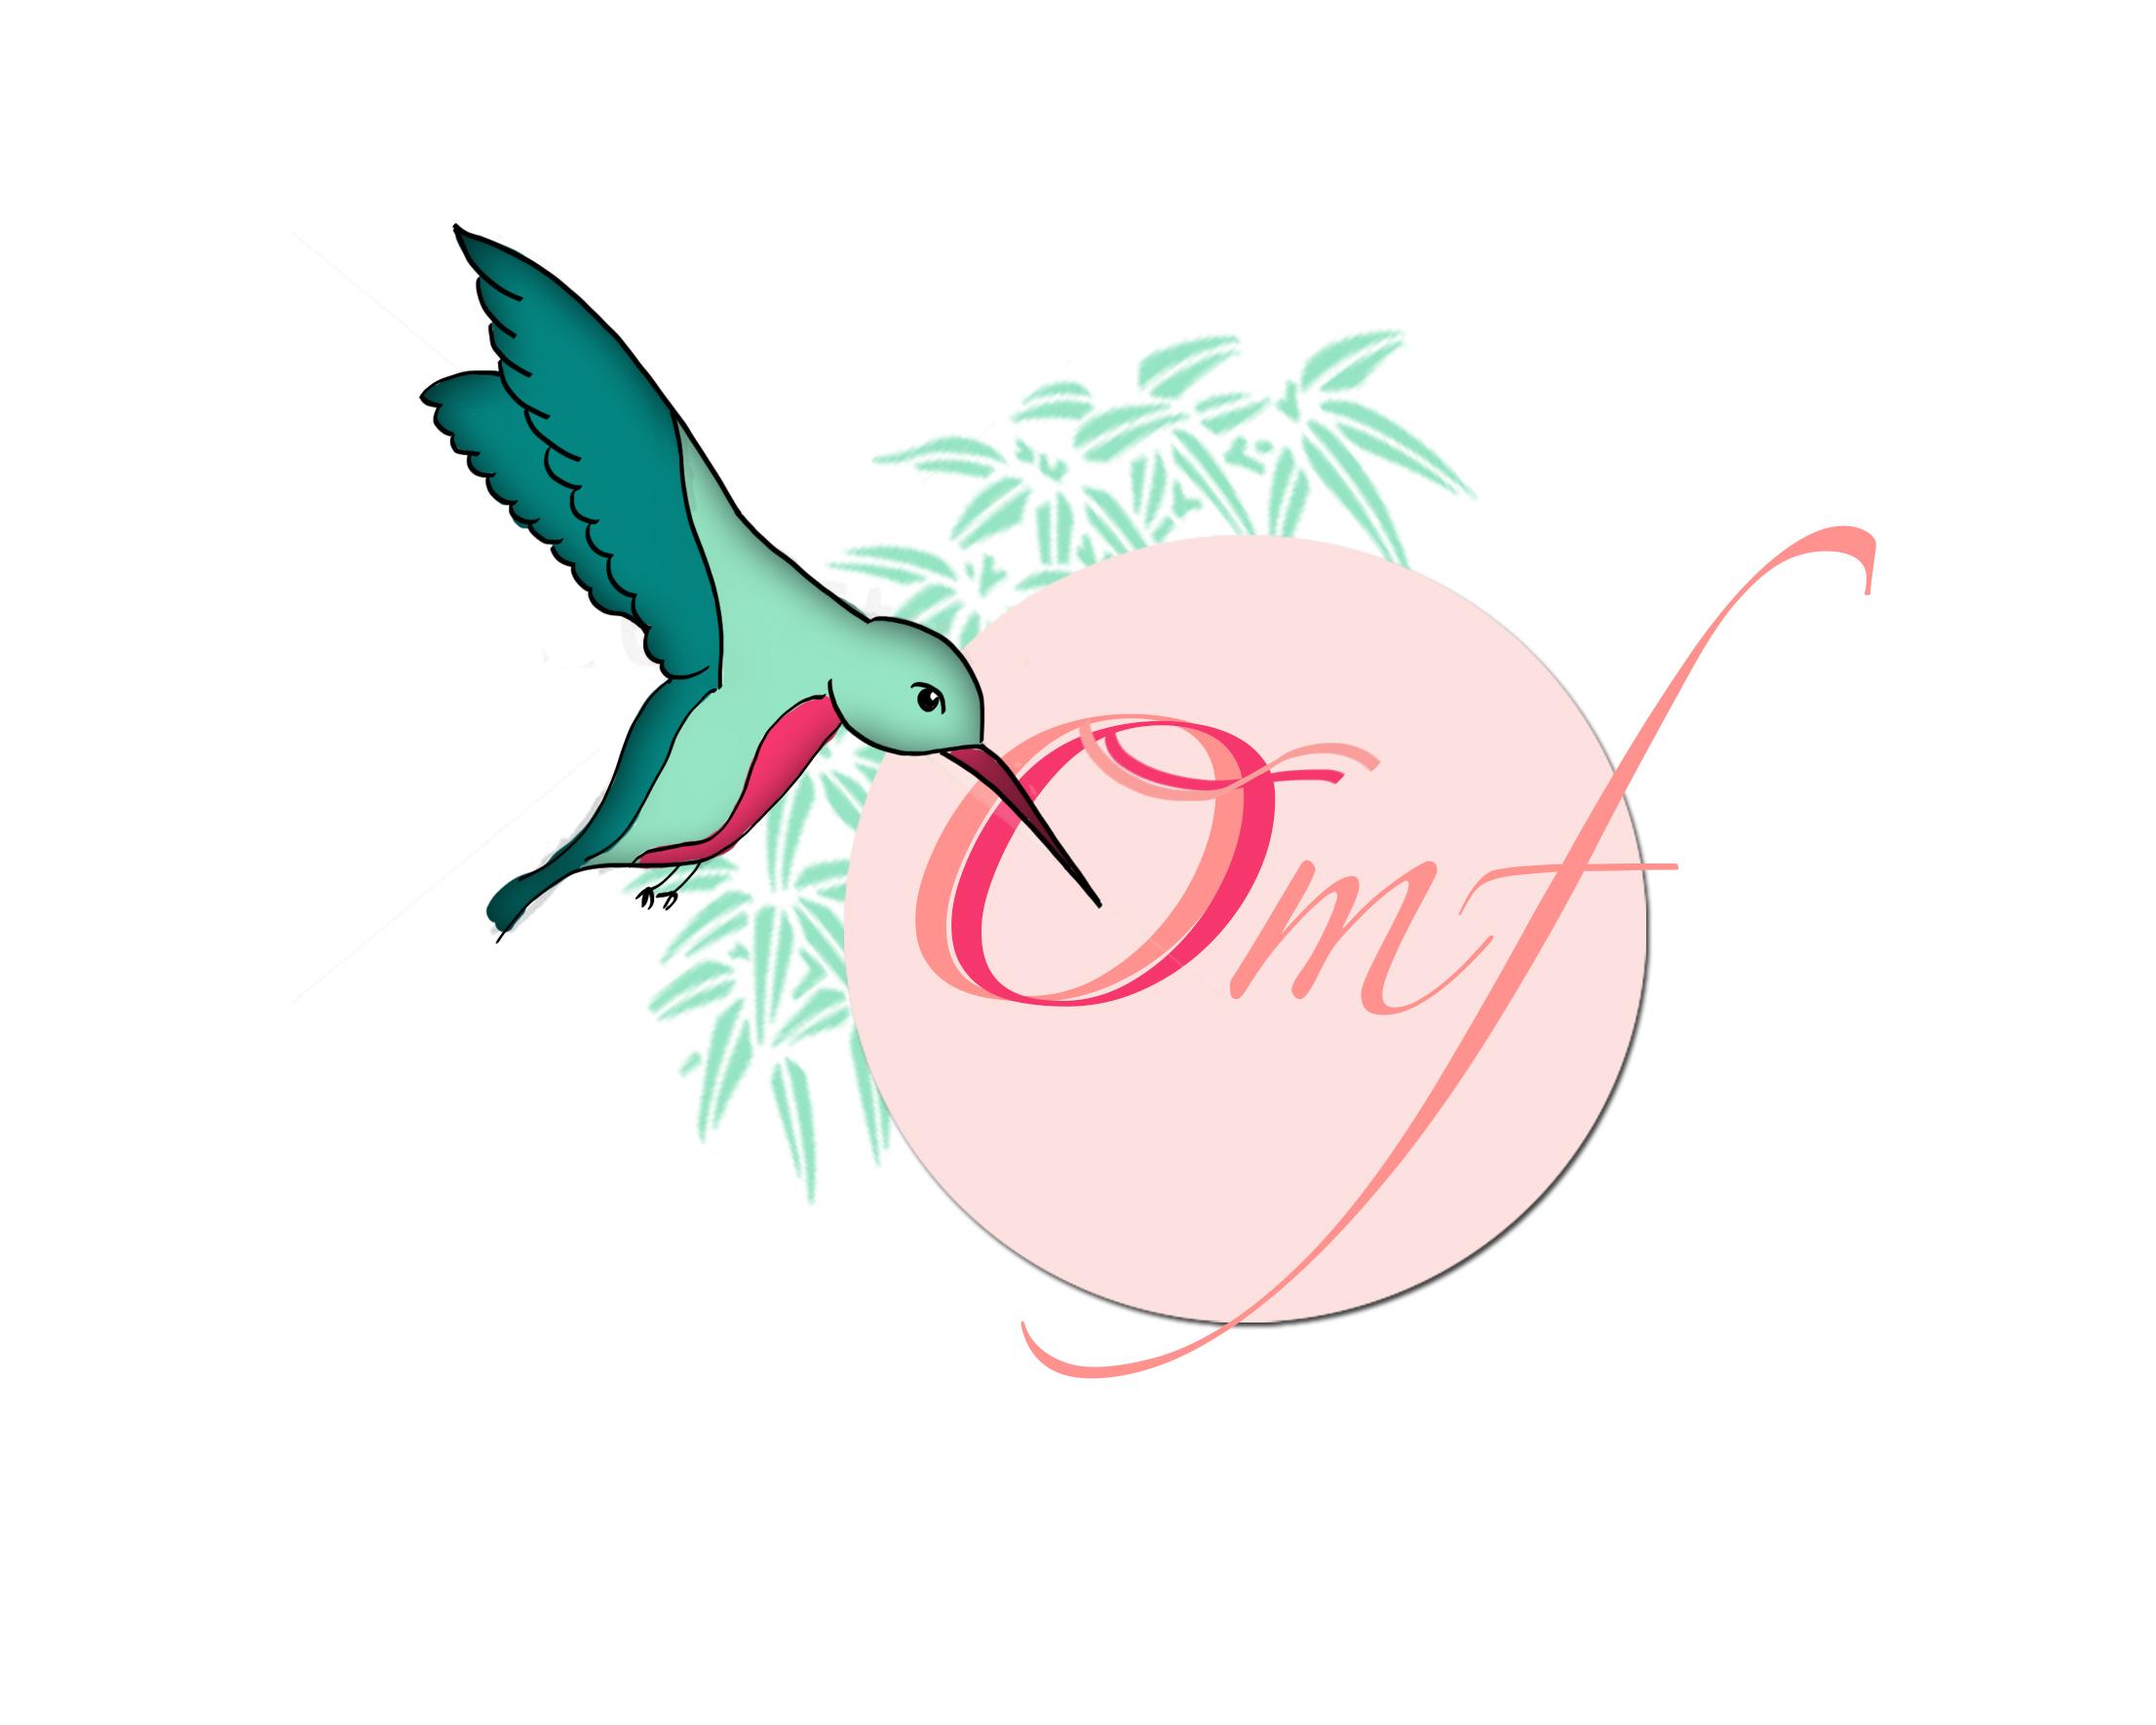 logotipo personalizada ilustrado